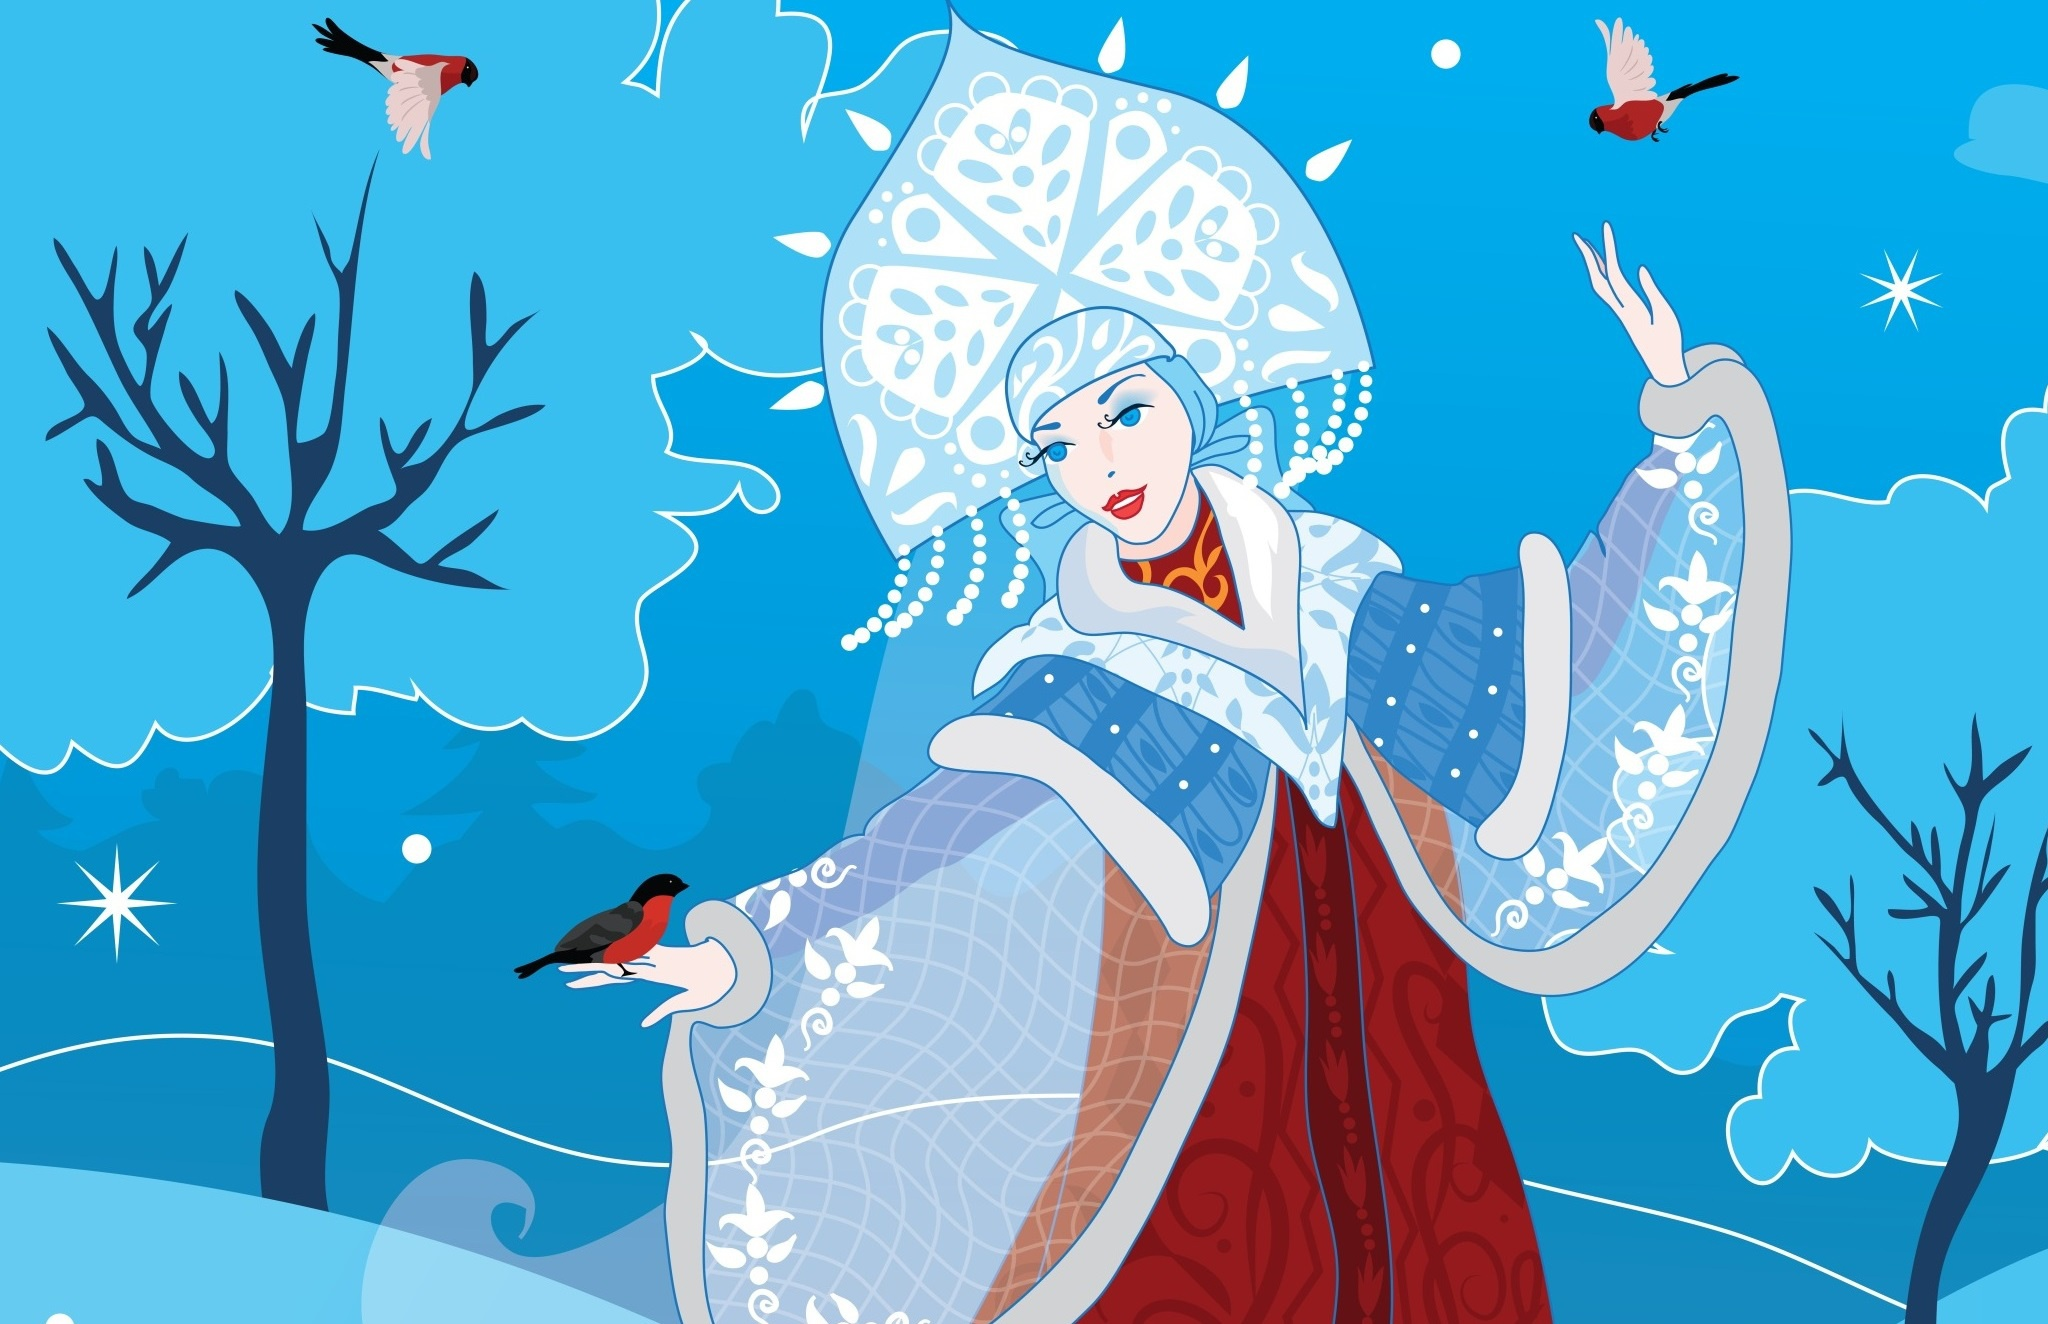 Картинки снегурочки прикольные для срисовки, папе день рождения